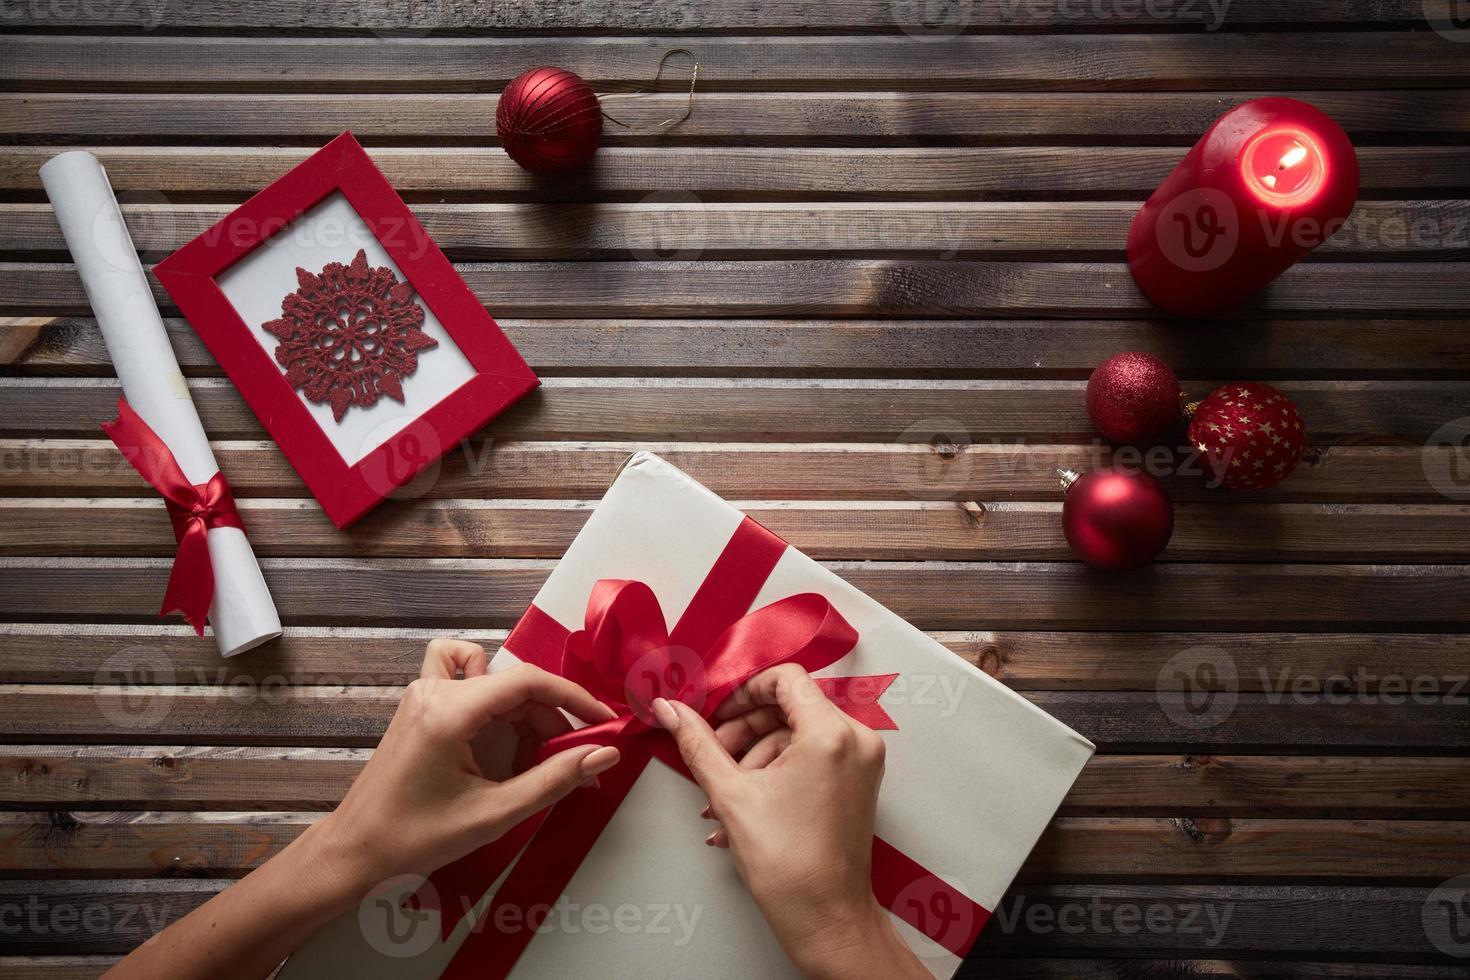 préparer le cadeau de Noël photo